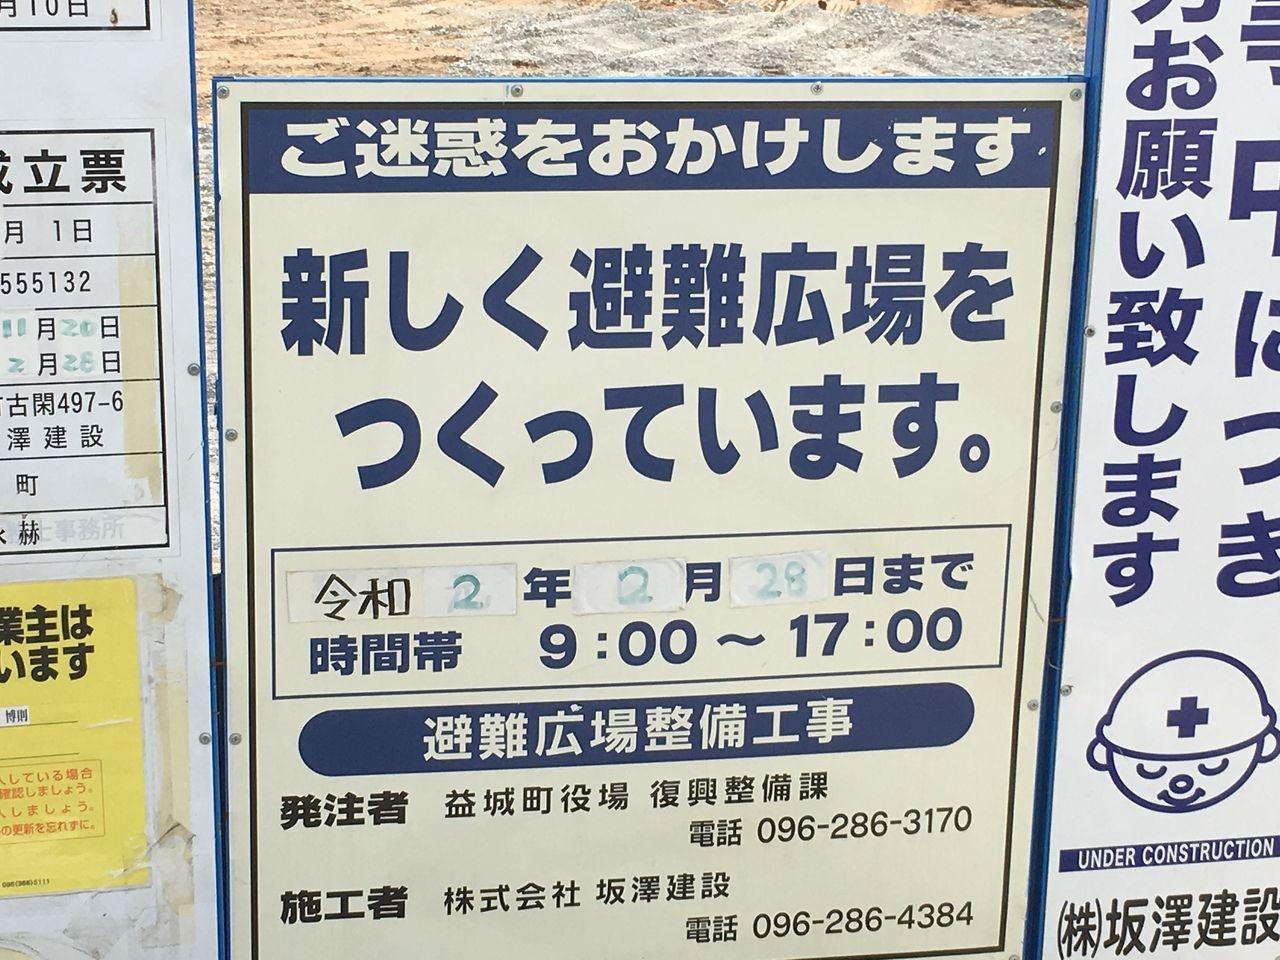 益城町広崎の避難広場造成工事の看板